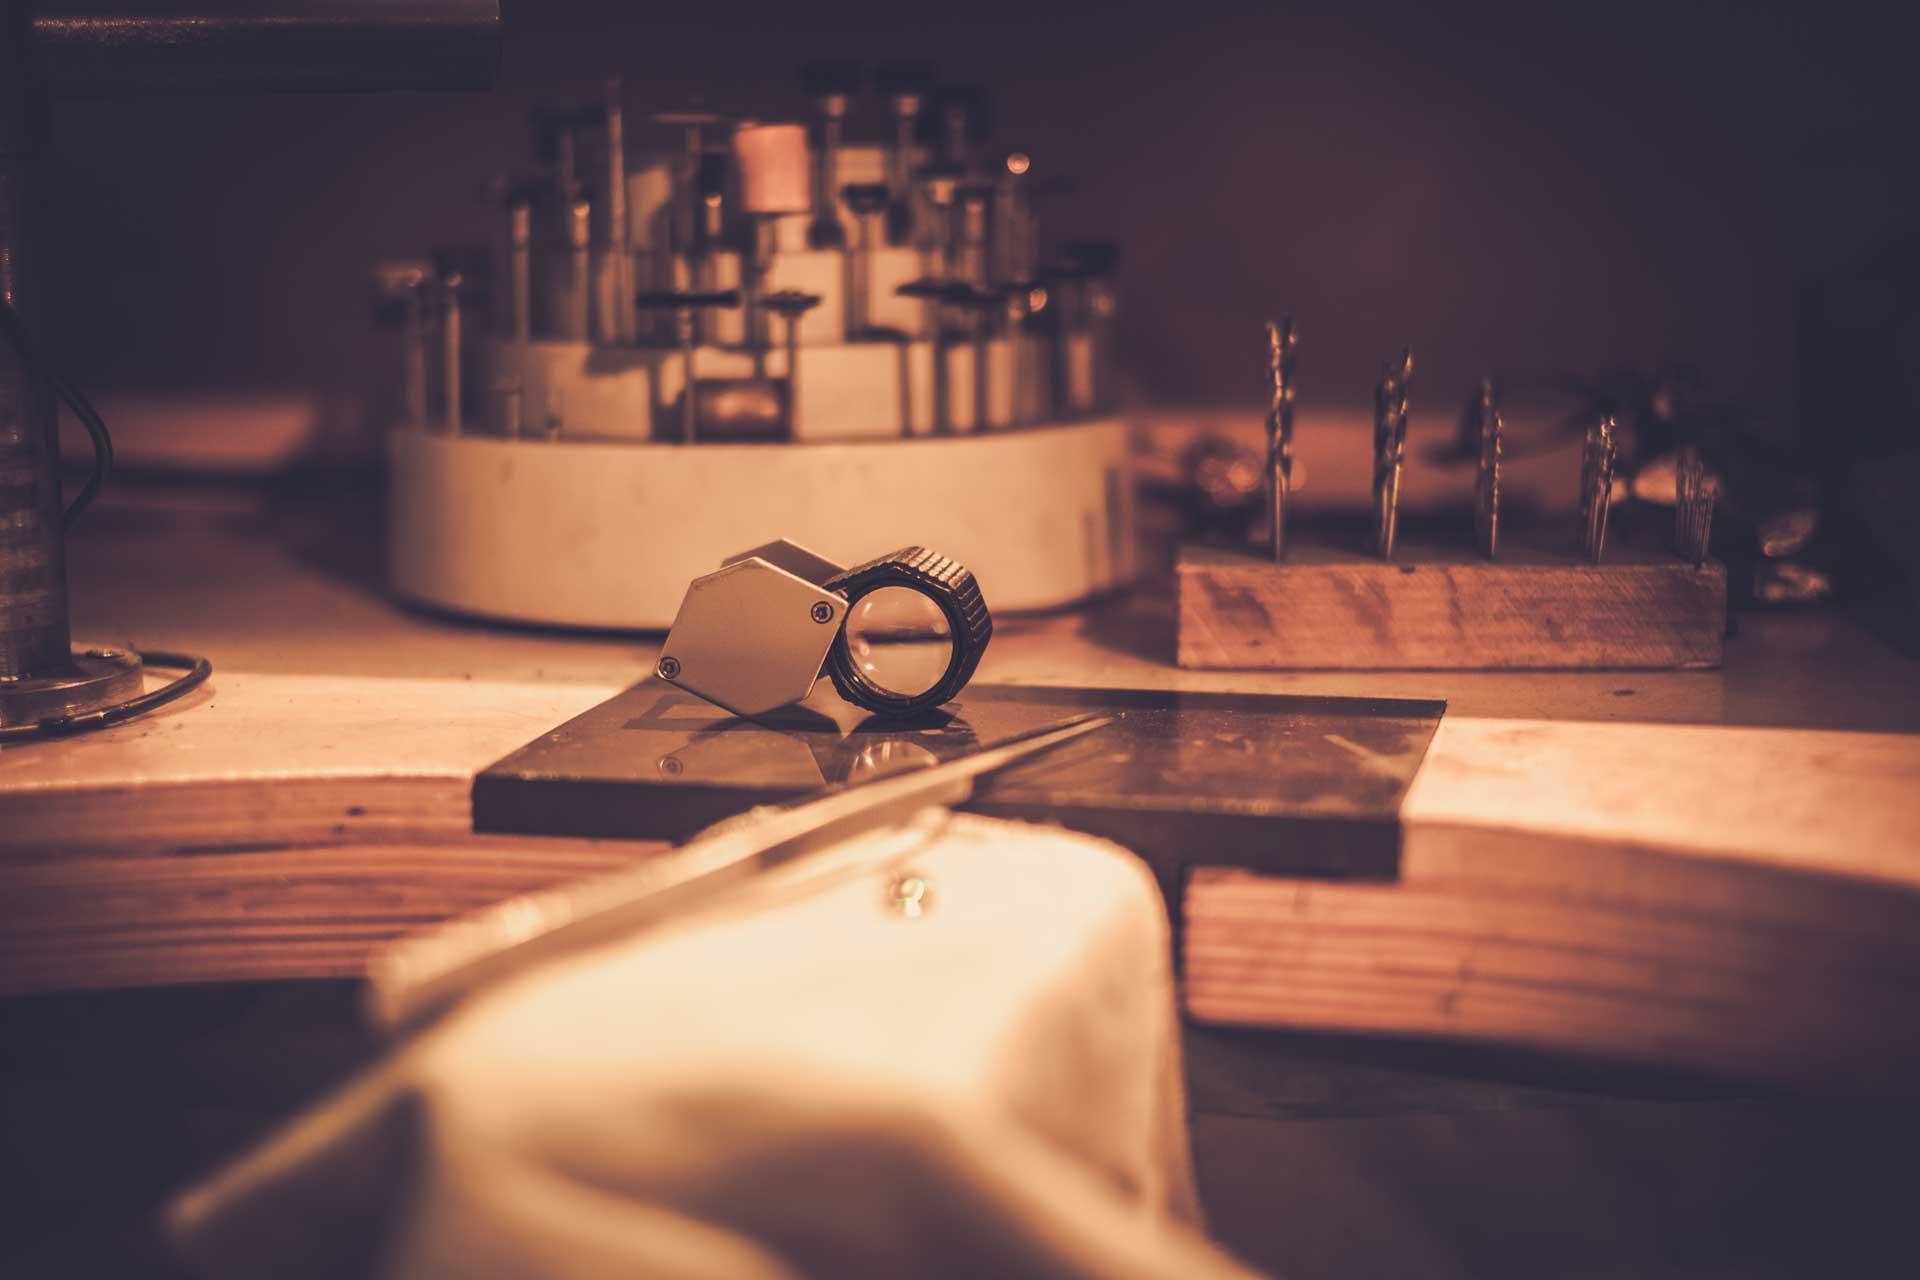 handcraft 2